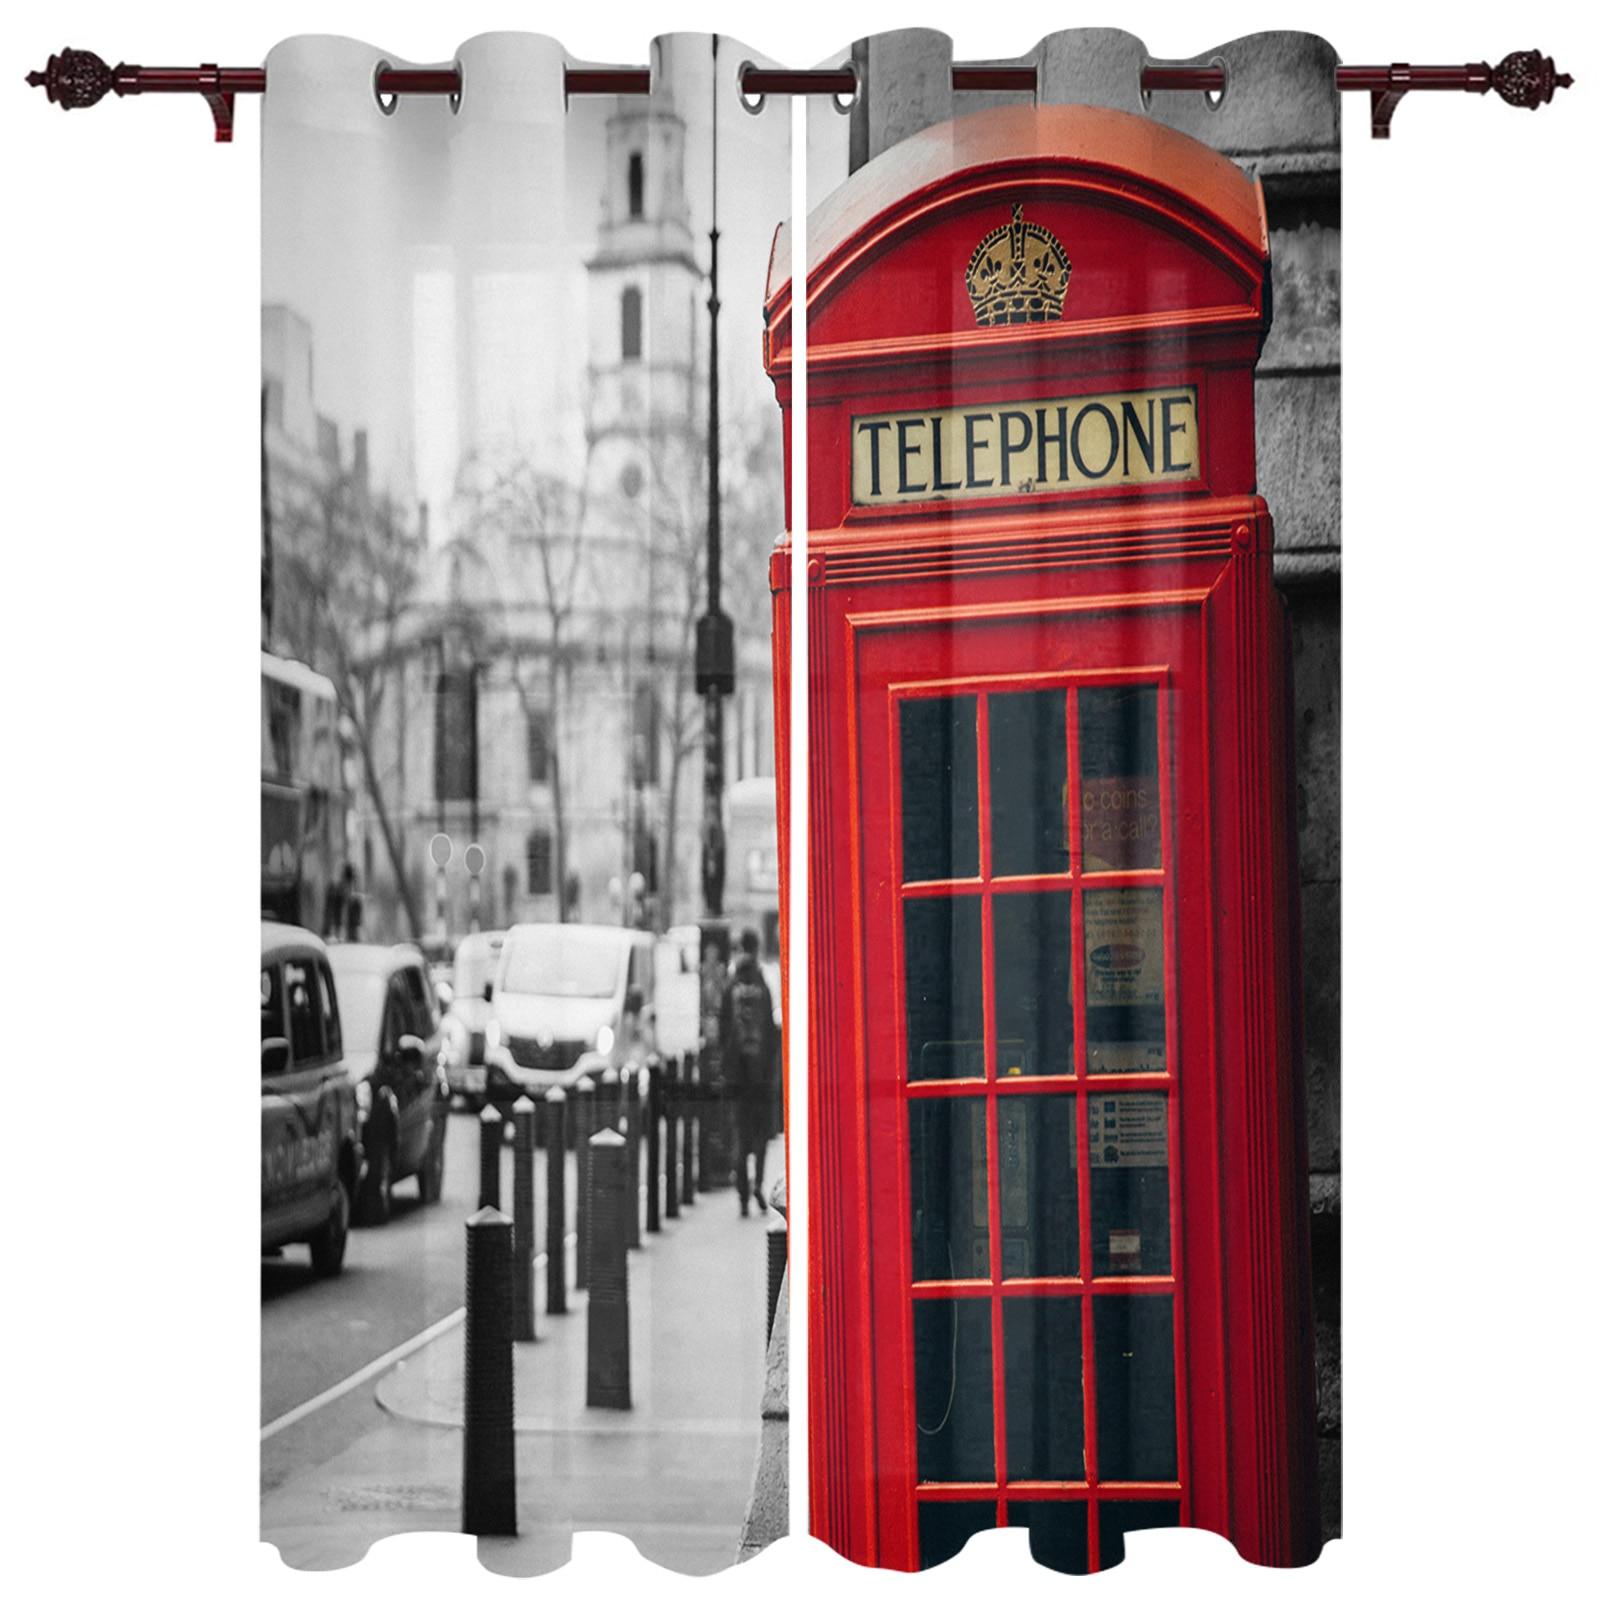 الباحة الستار الأحمر الهاتف بوث في الهواء الطلق الستار ل حديقة الباحة نوم ستائر غرفة المعيشة المطبخ حمام غرفة لوحة ثنى